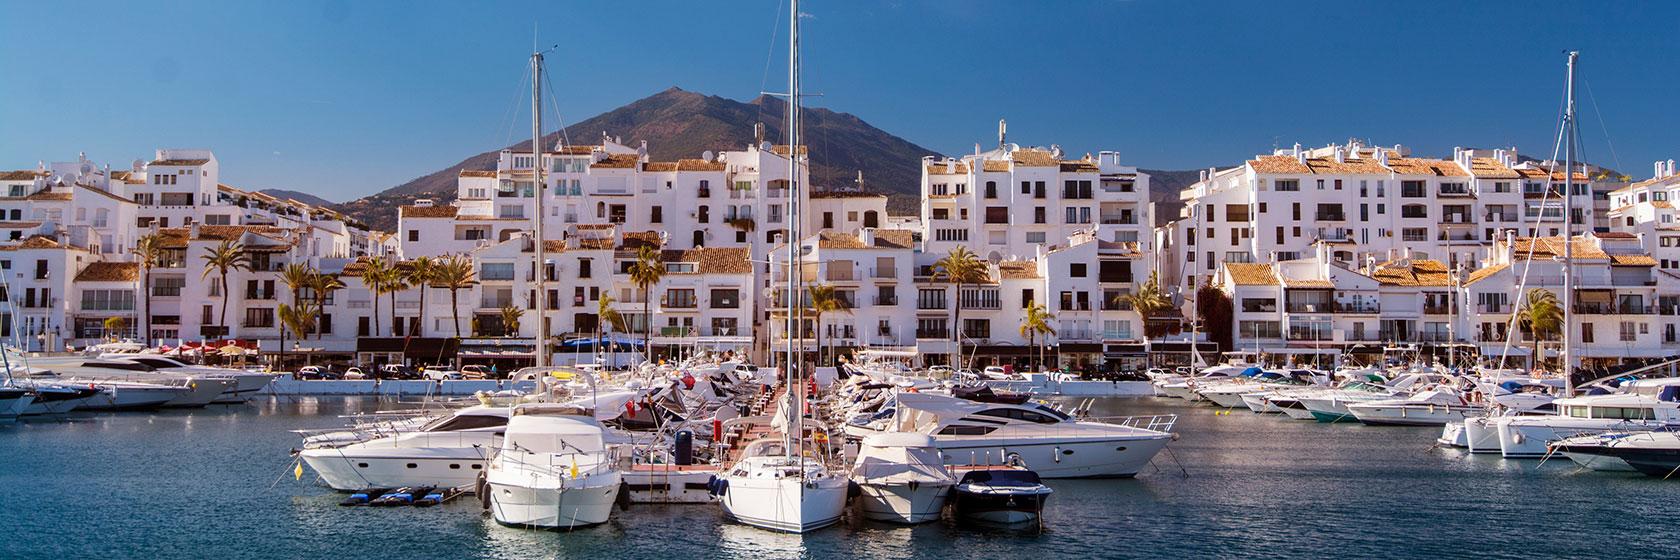 En båthavn med mange fritidsbåter. En by med mange hvite hus og et fjell i bakgrunnen.